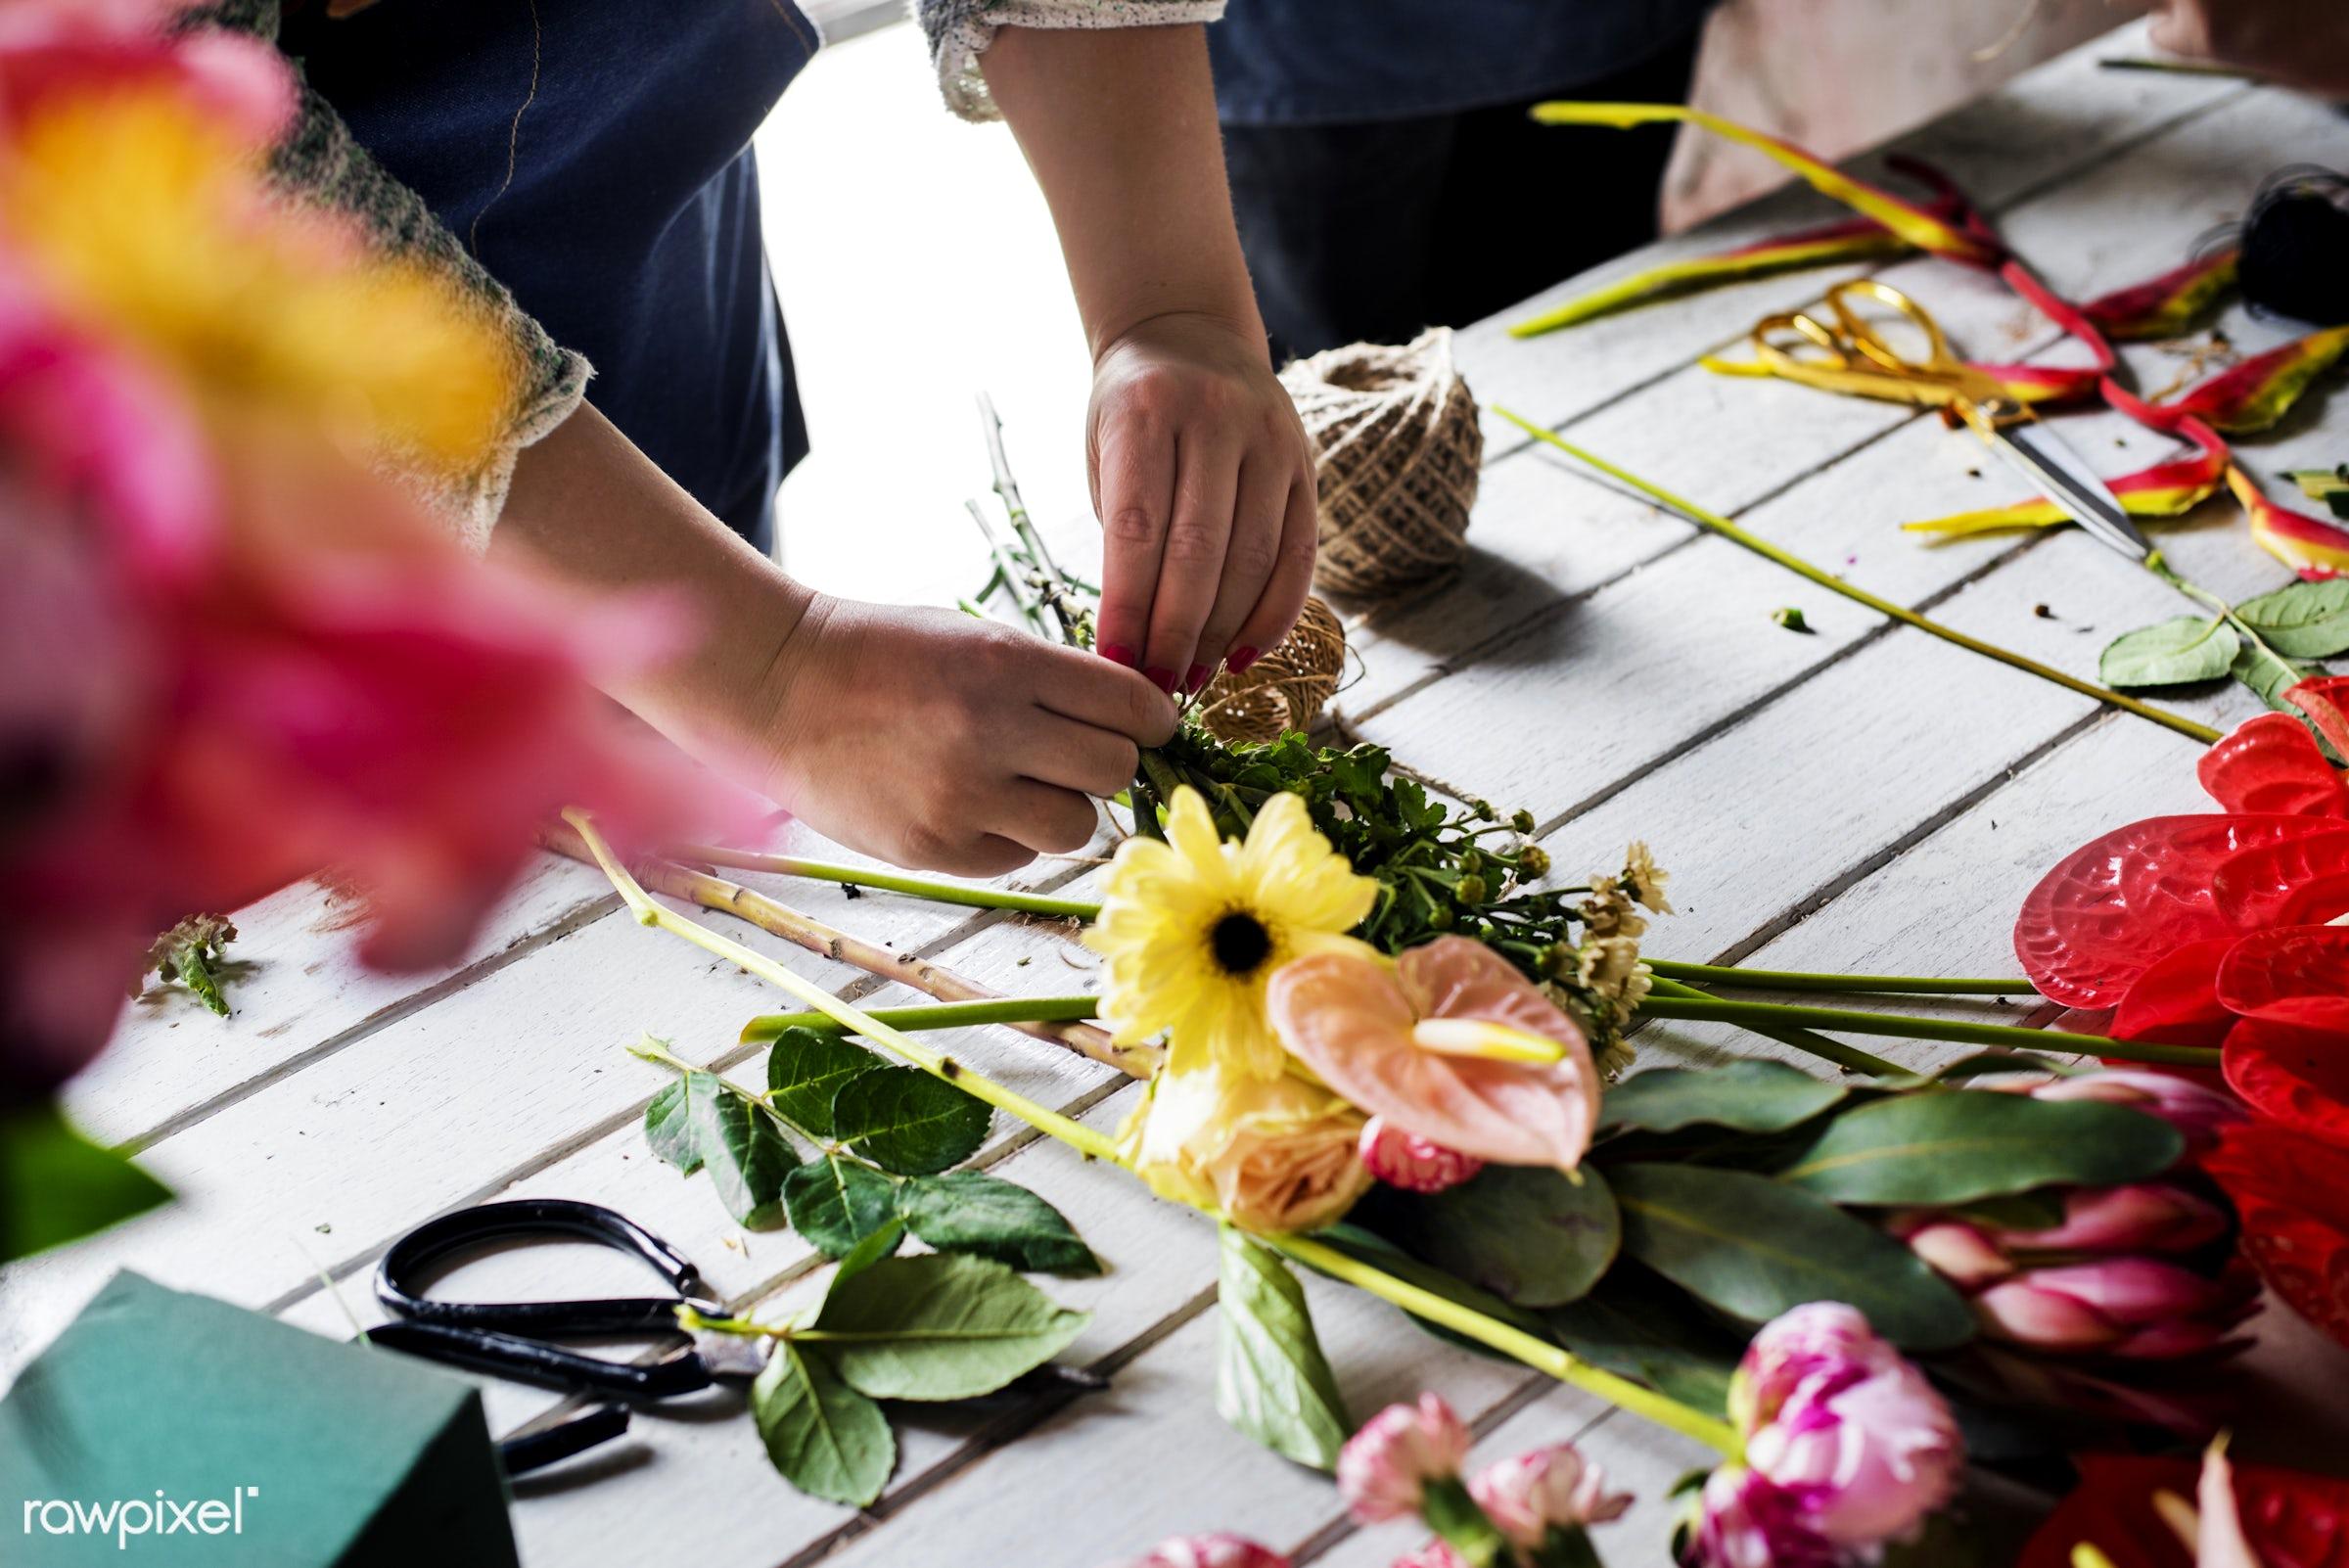 plant, person, decoration, flora, refreshment, leisure, flower shop, florist, recreational, fresh, natural, flower